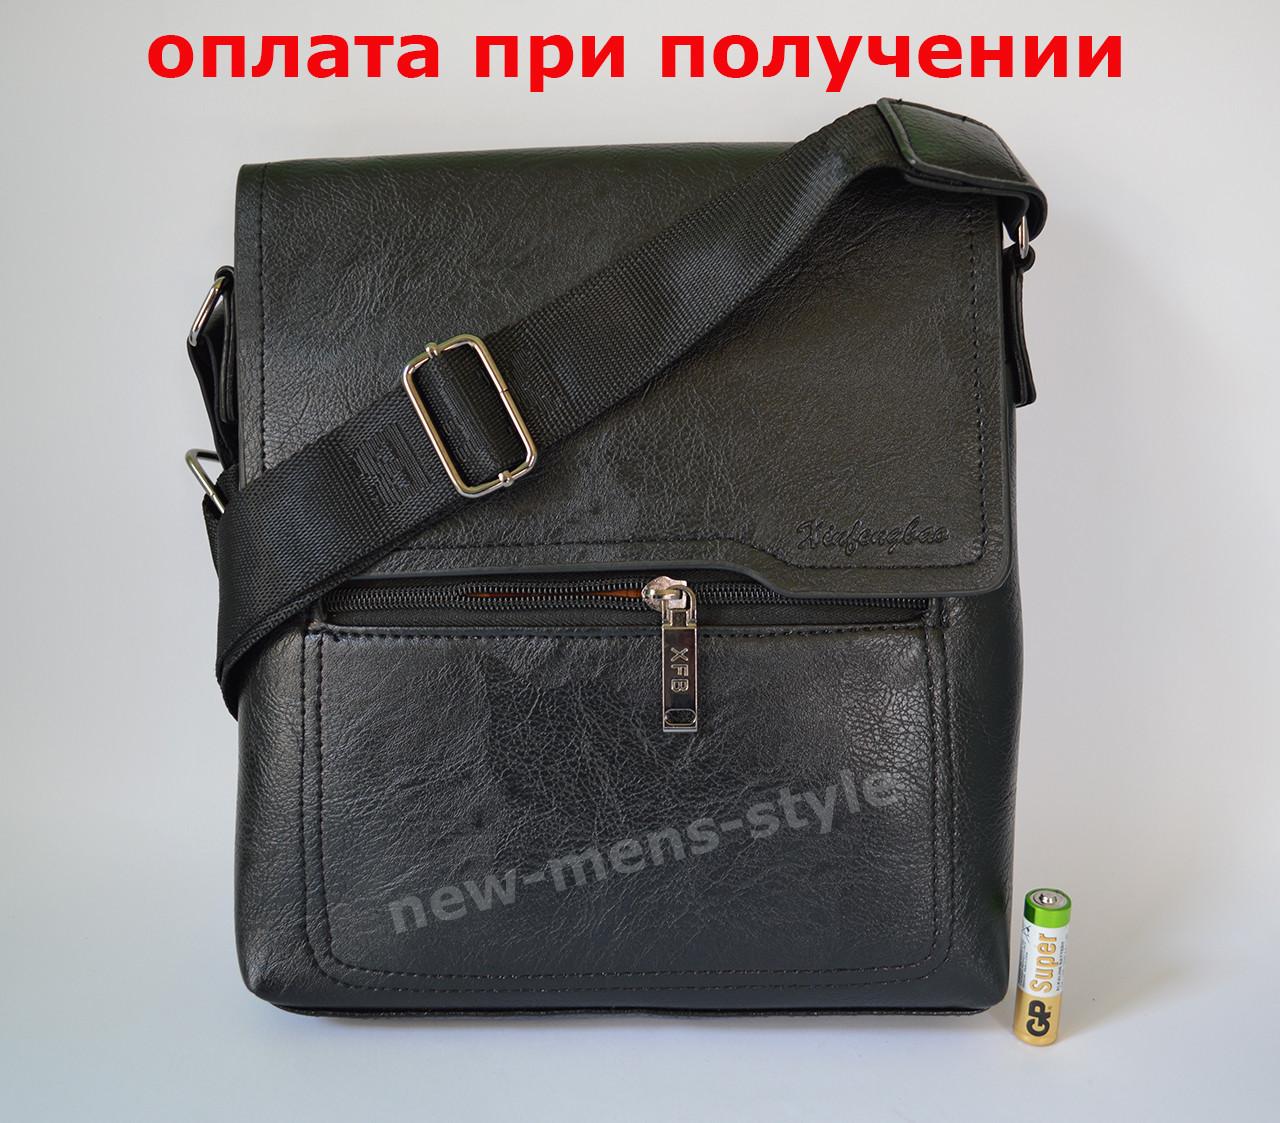 Чоловіча шкіряна сумка, барсетка під бренд Polo Jeep Xifengbao купити